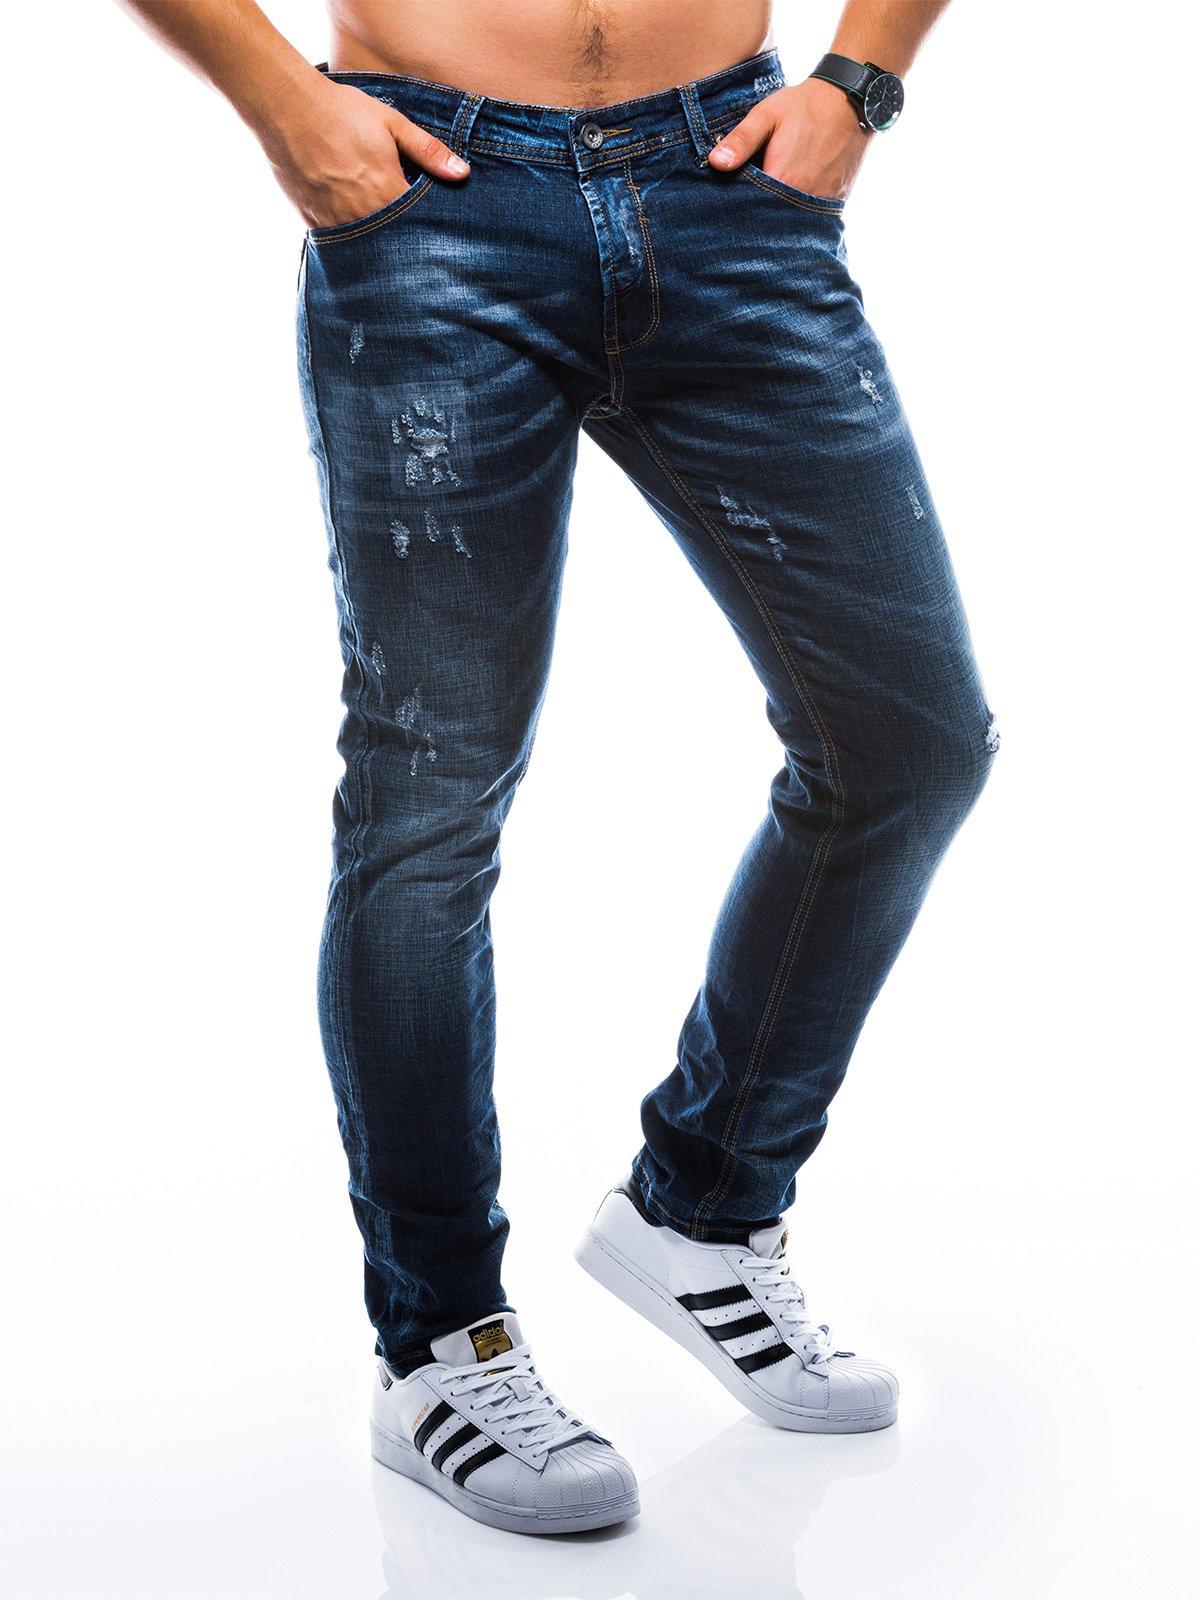 Spodnie męskie jeansowe P788 - granatowe